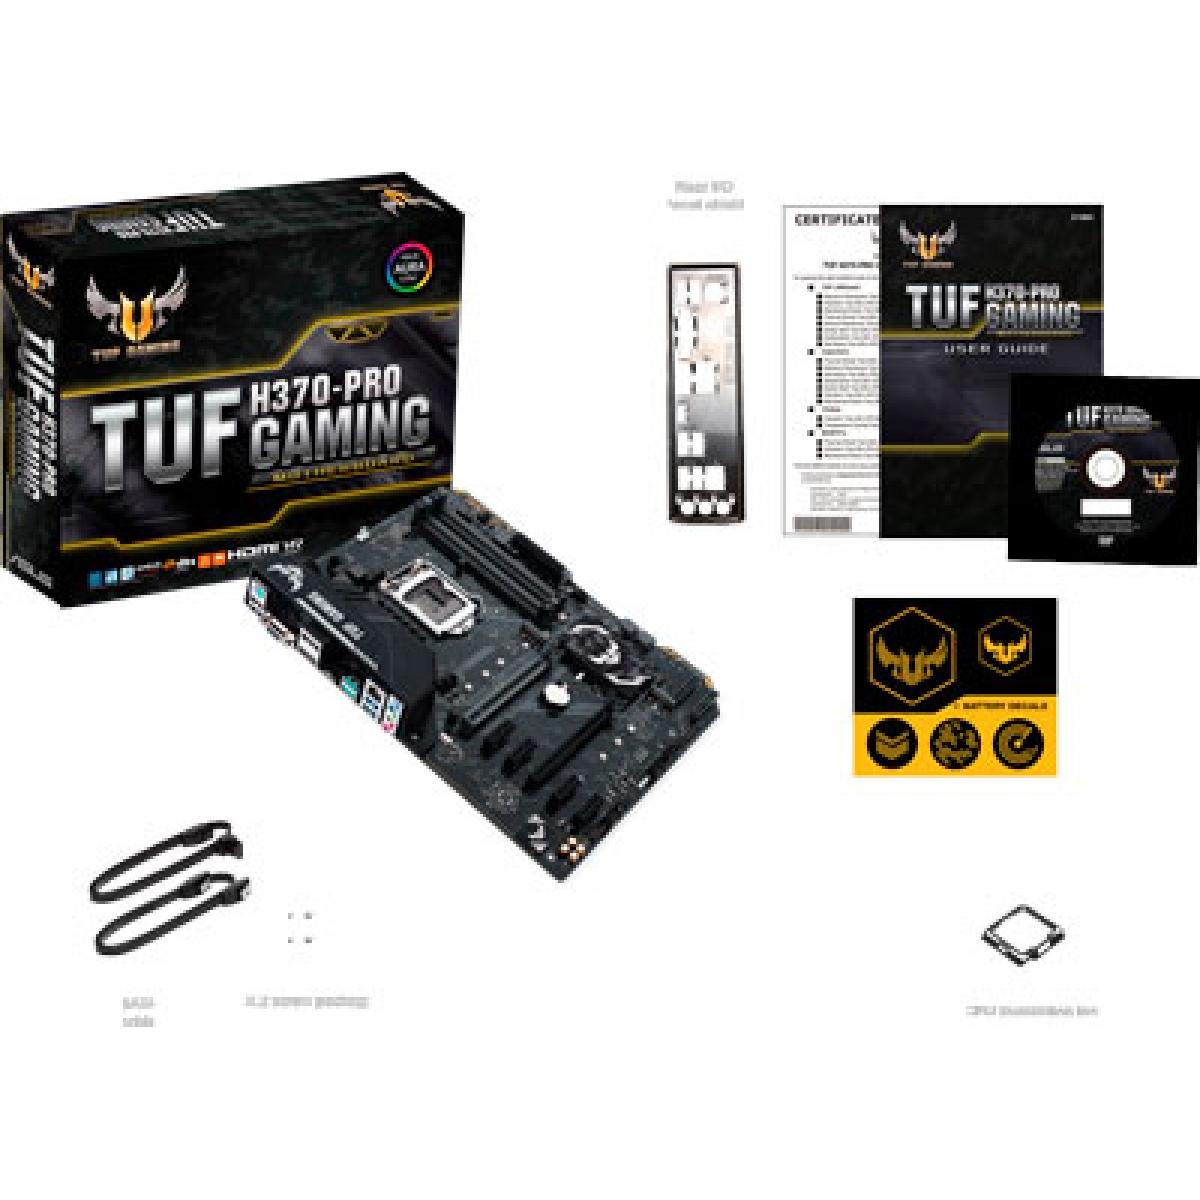 Placa Mãe Asus TUF H370-PRO Gaming, Chipset H370, Intel LGA 1151, ATX, DDR4